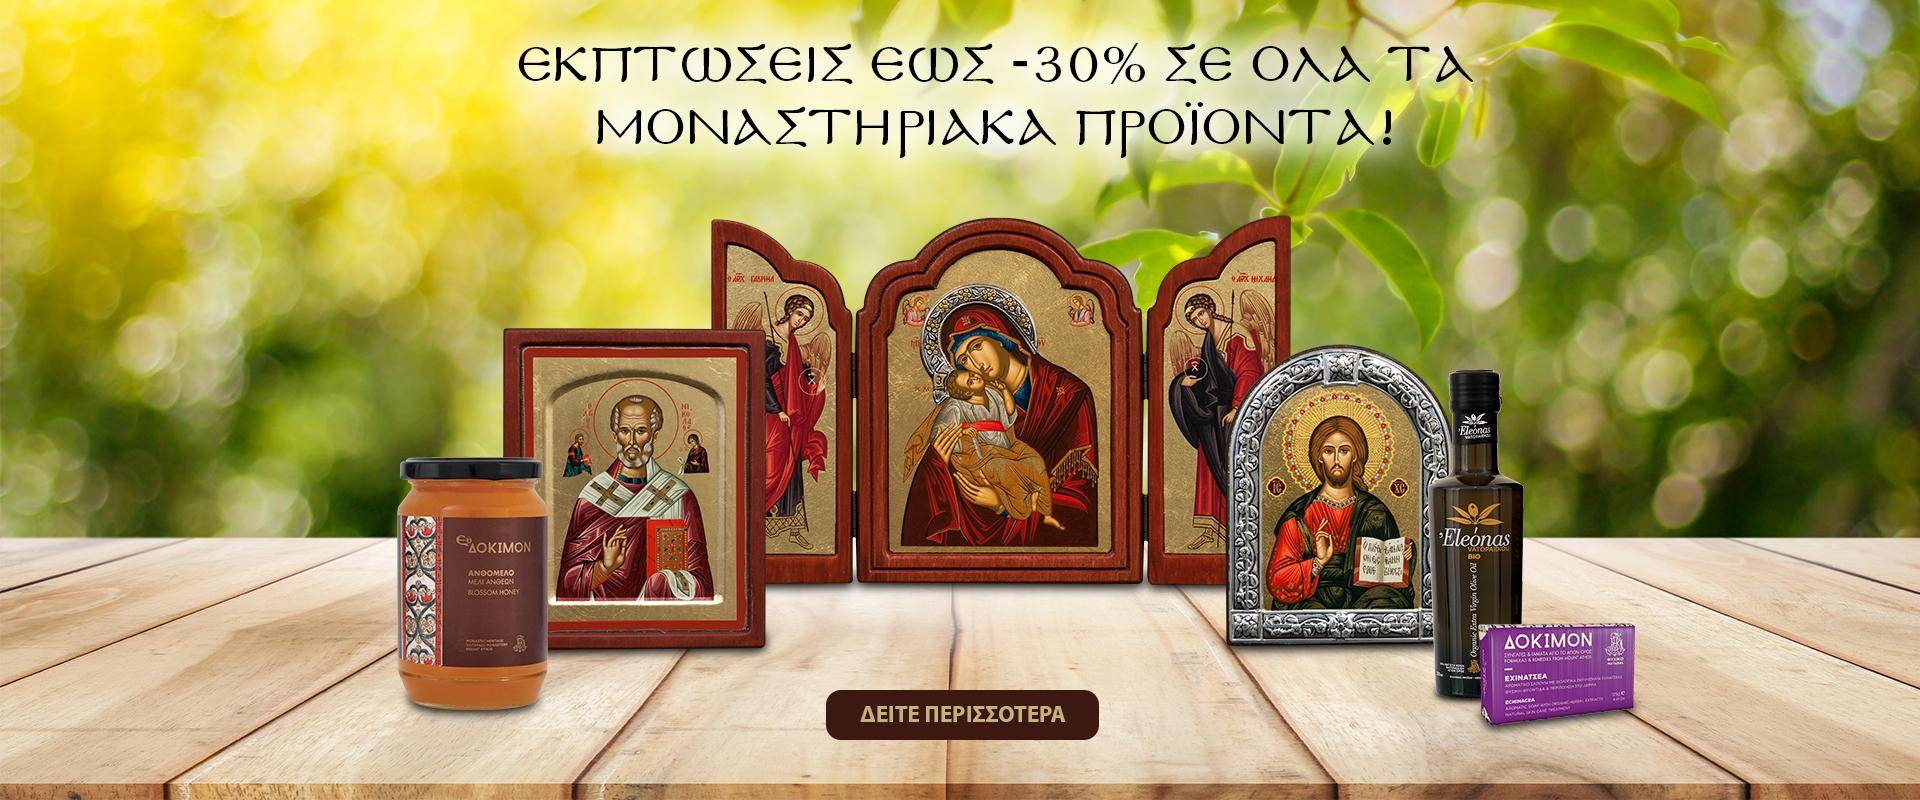 Εκπτώσεις έως -30% σε όλα τα μοναστηριακά προϊόντα!